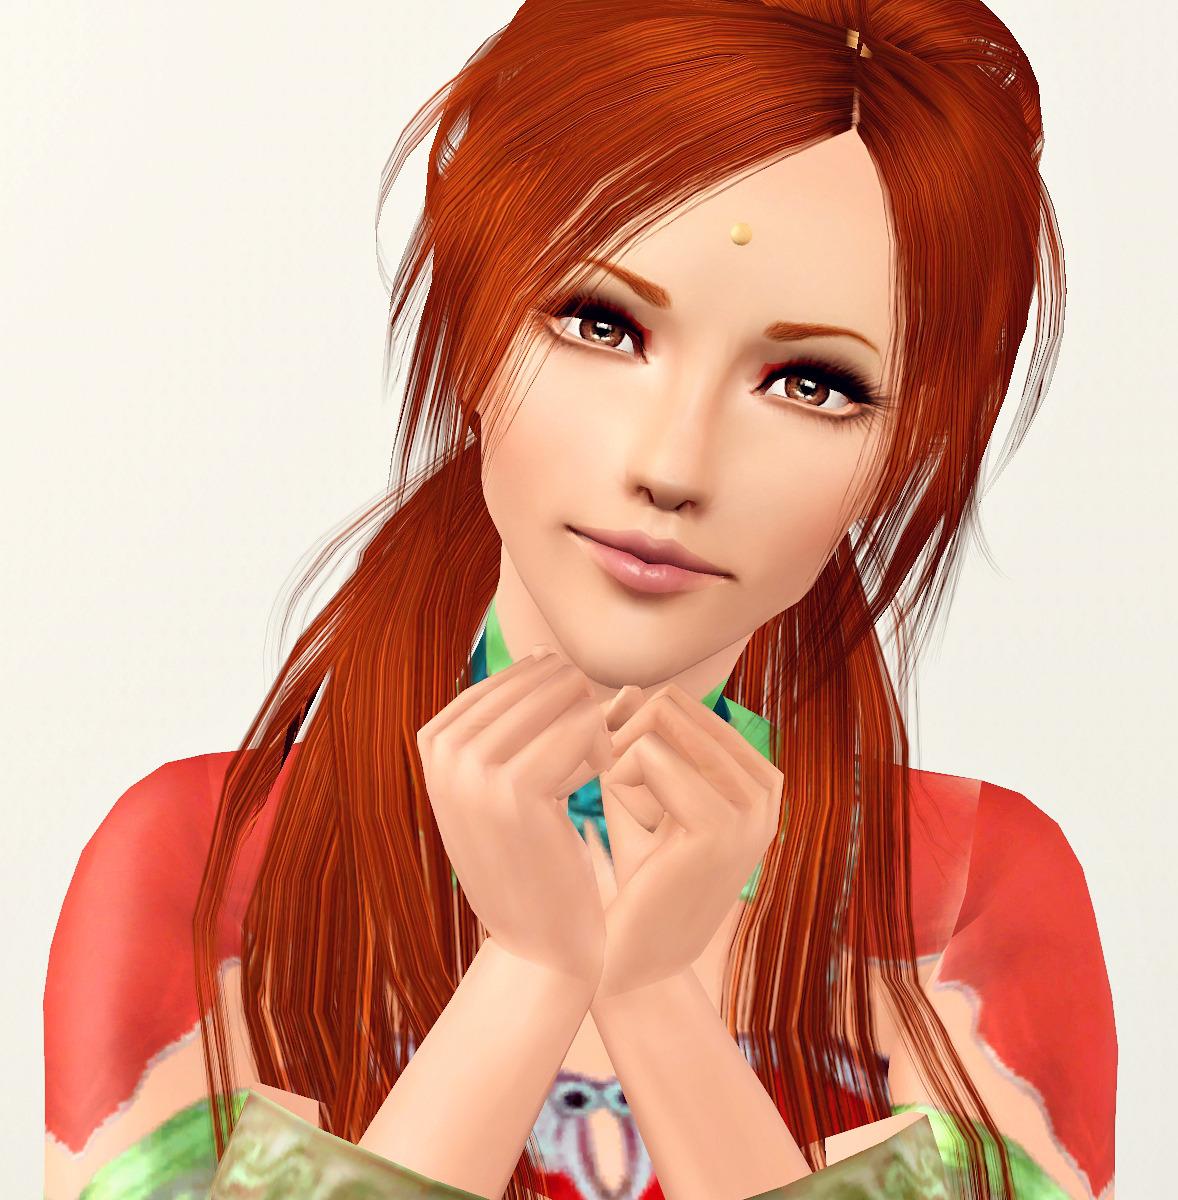 The Sims - Page 2 Tumblr_m7dmt3yBif1rv6xiho1_1280